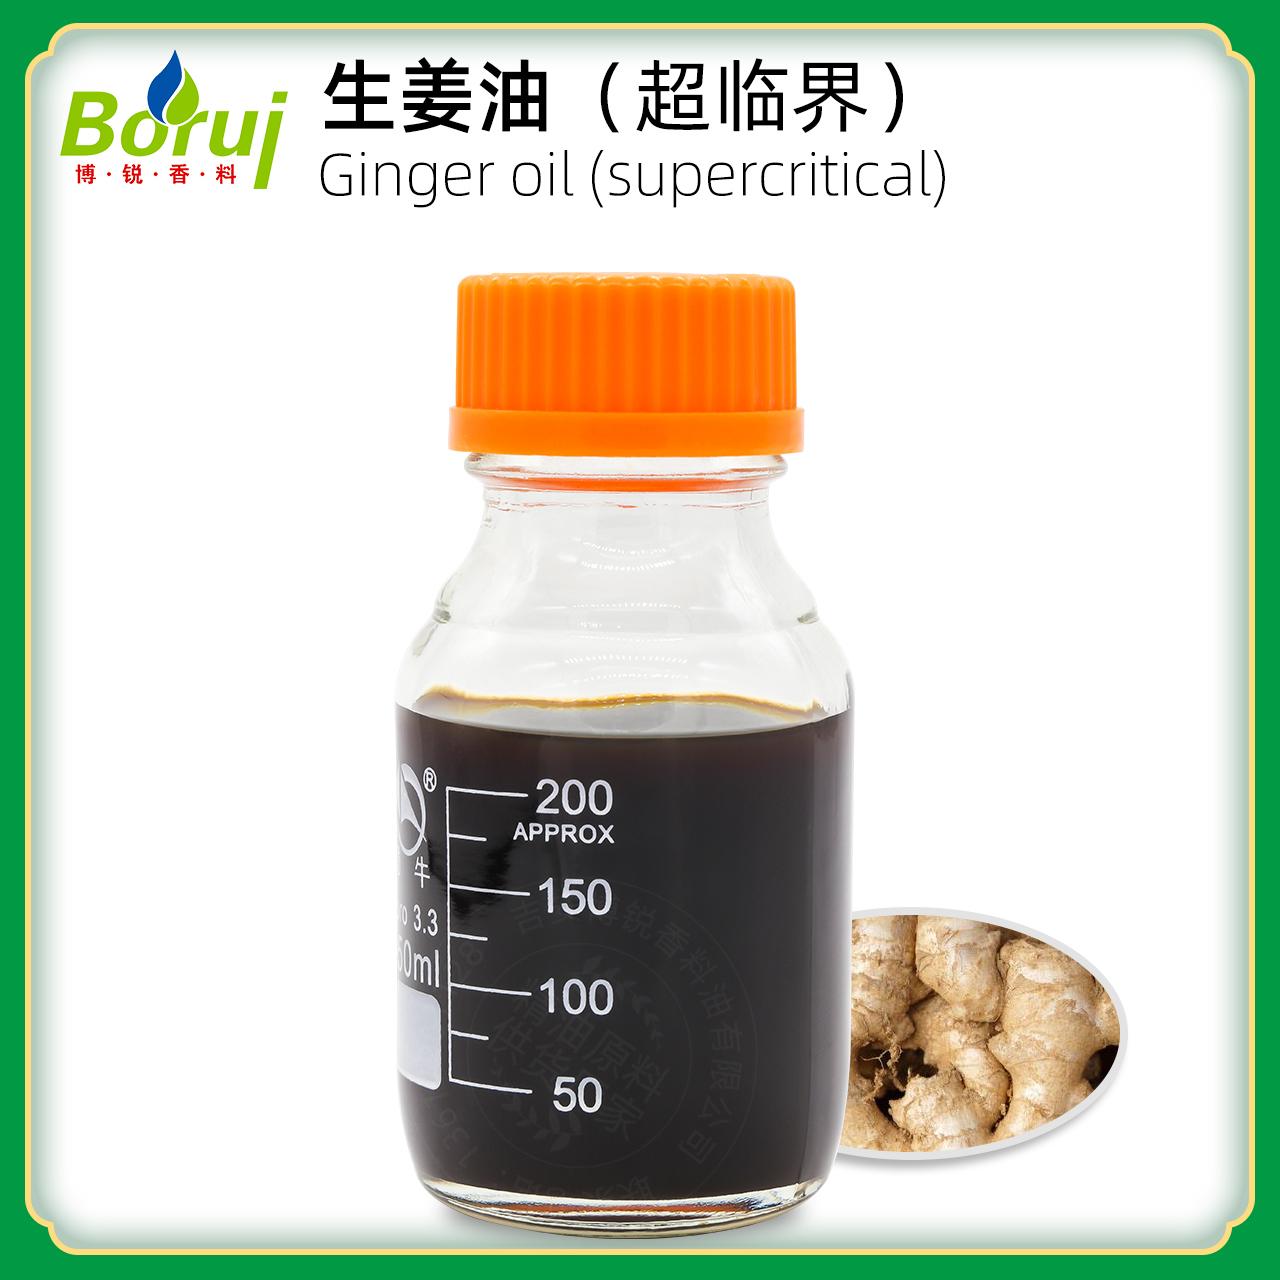 生姜油(超临界)